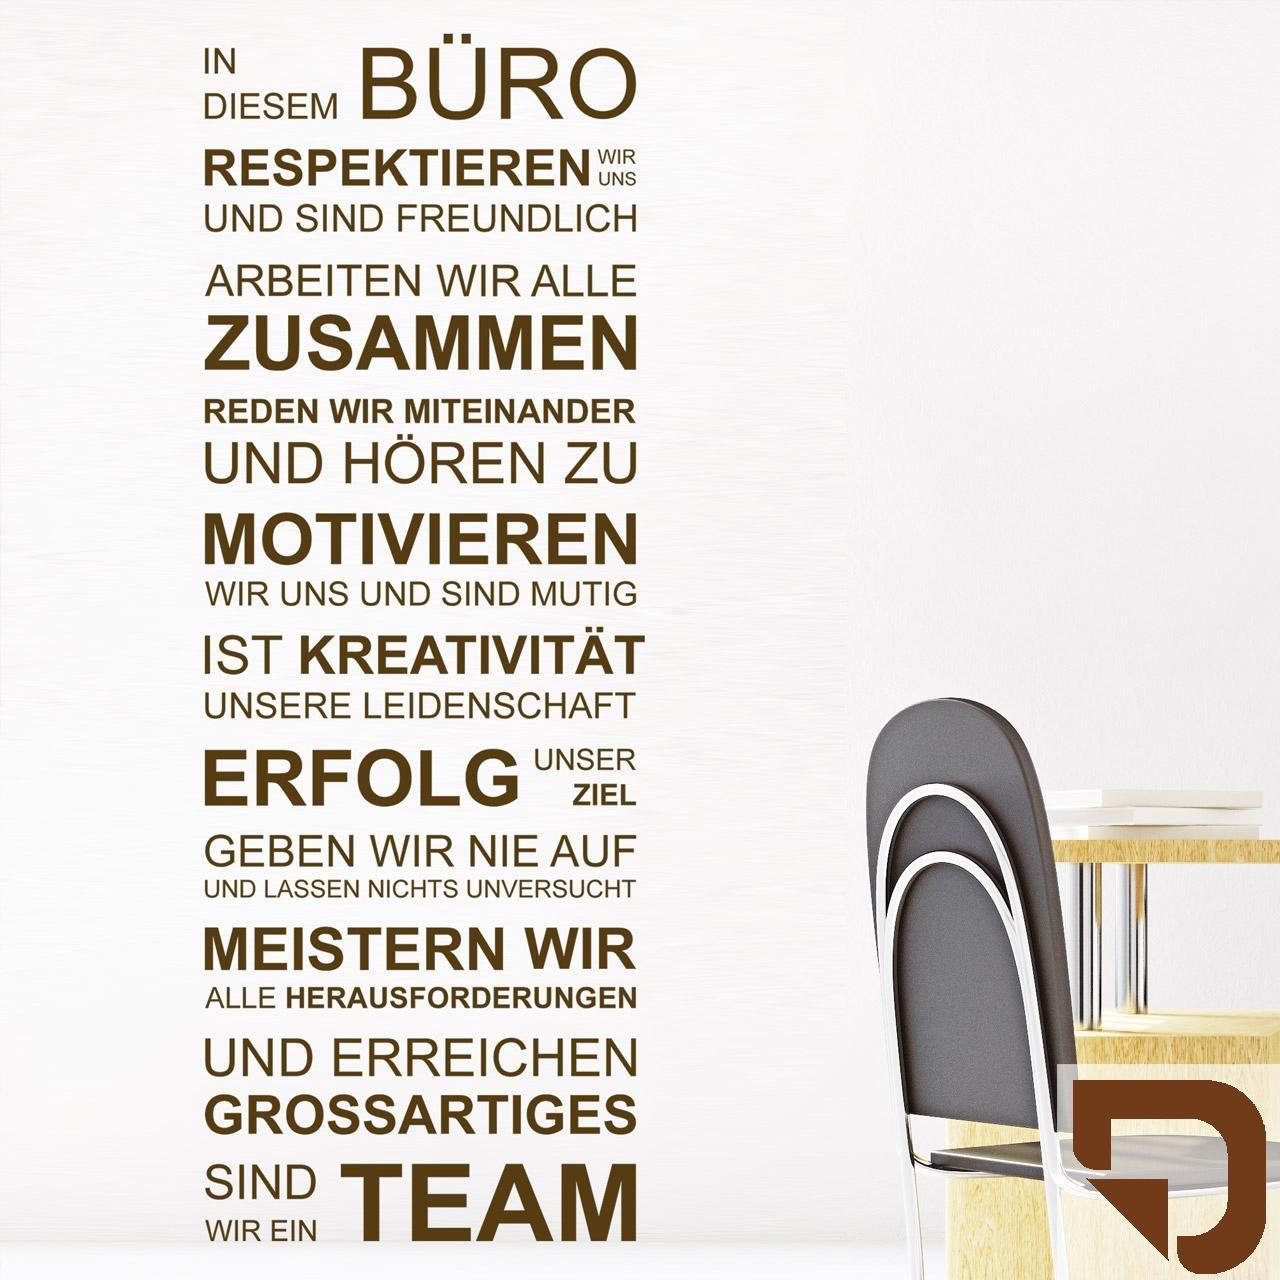 DESIGNSCAPE® Wandtattoo In diesem Büro respektieren wir uns, arbeiten wir wir wir alle zusammen, geben wir nie auf, sind wir ein Team... 67 x 180 cm (Breite x Höhe) schwarz DW801462-L-F4 B01DT7FV7W Wandtattoos & Wandbilder 3a5aea